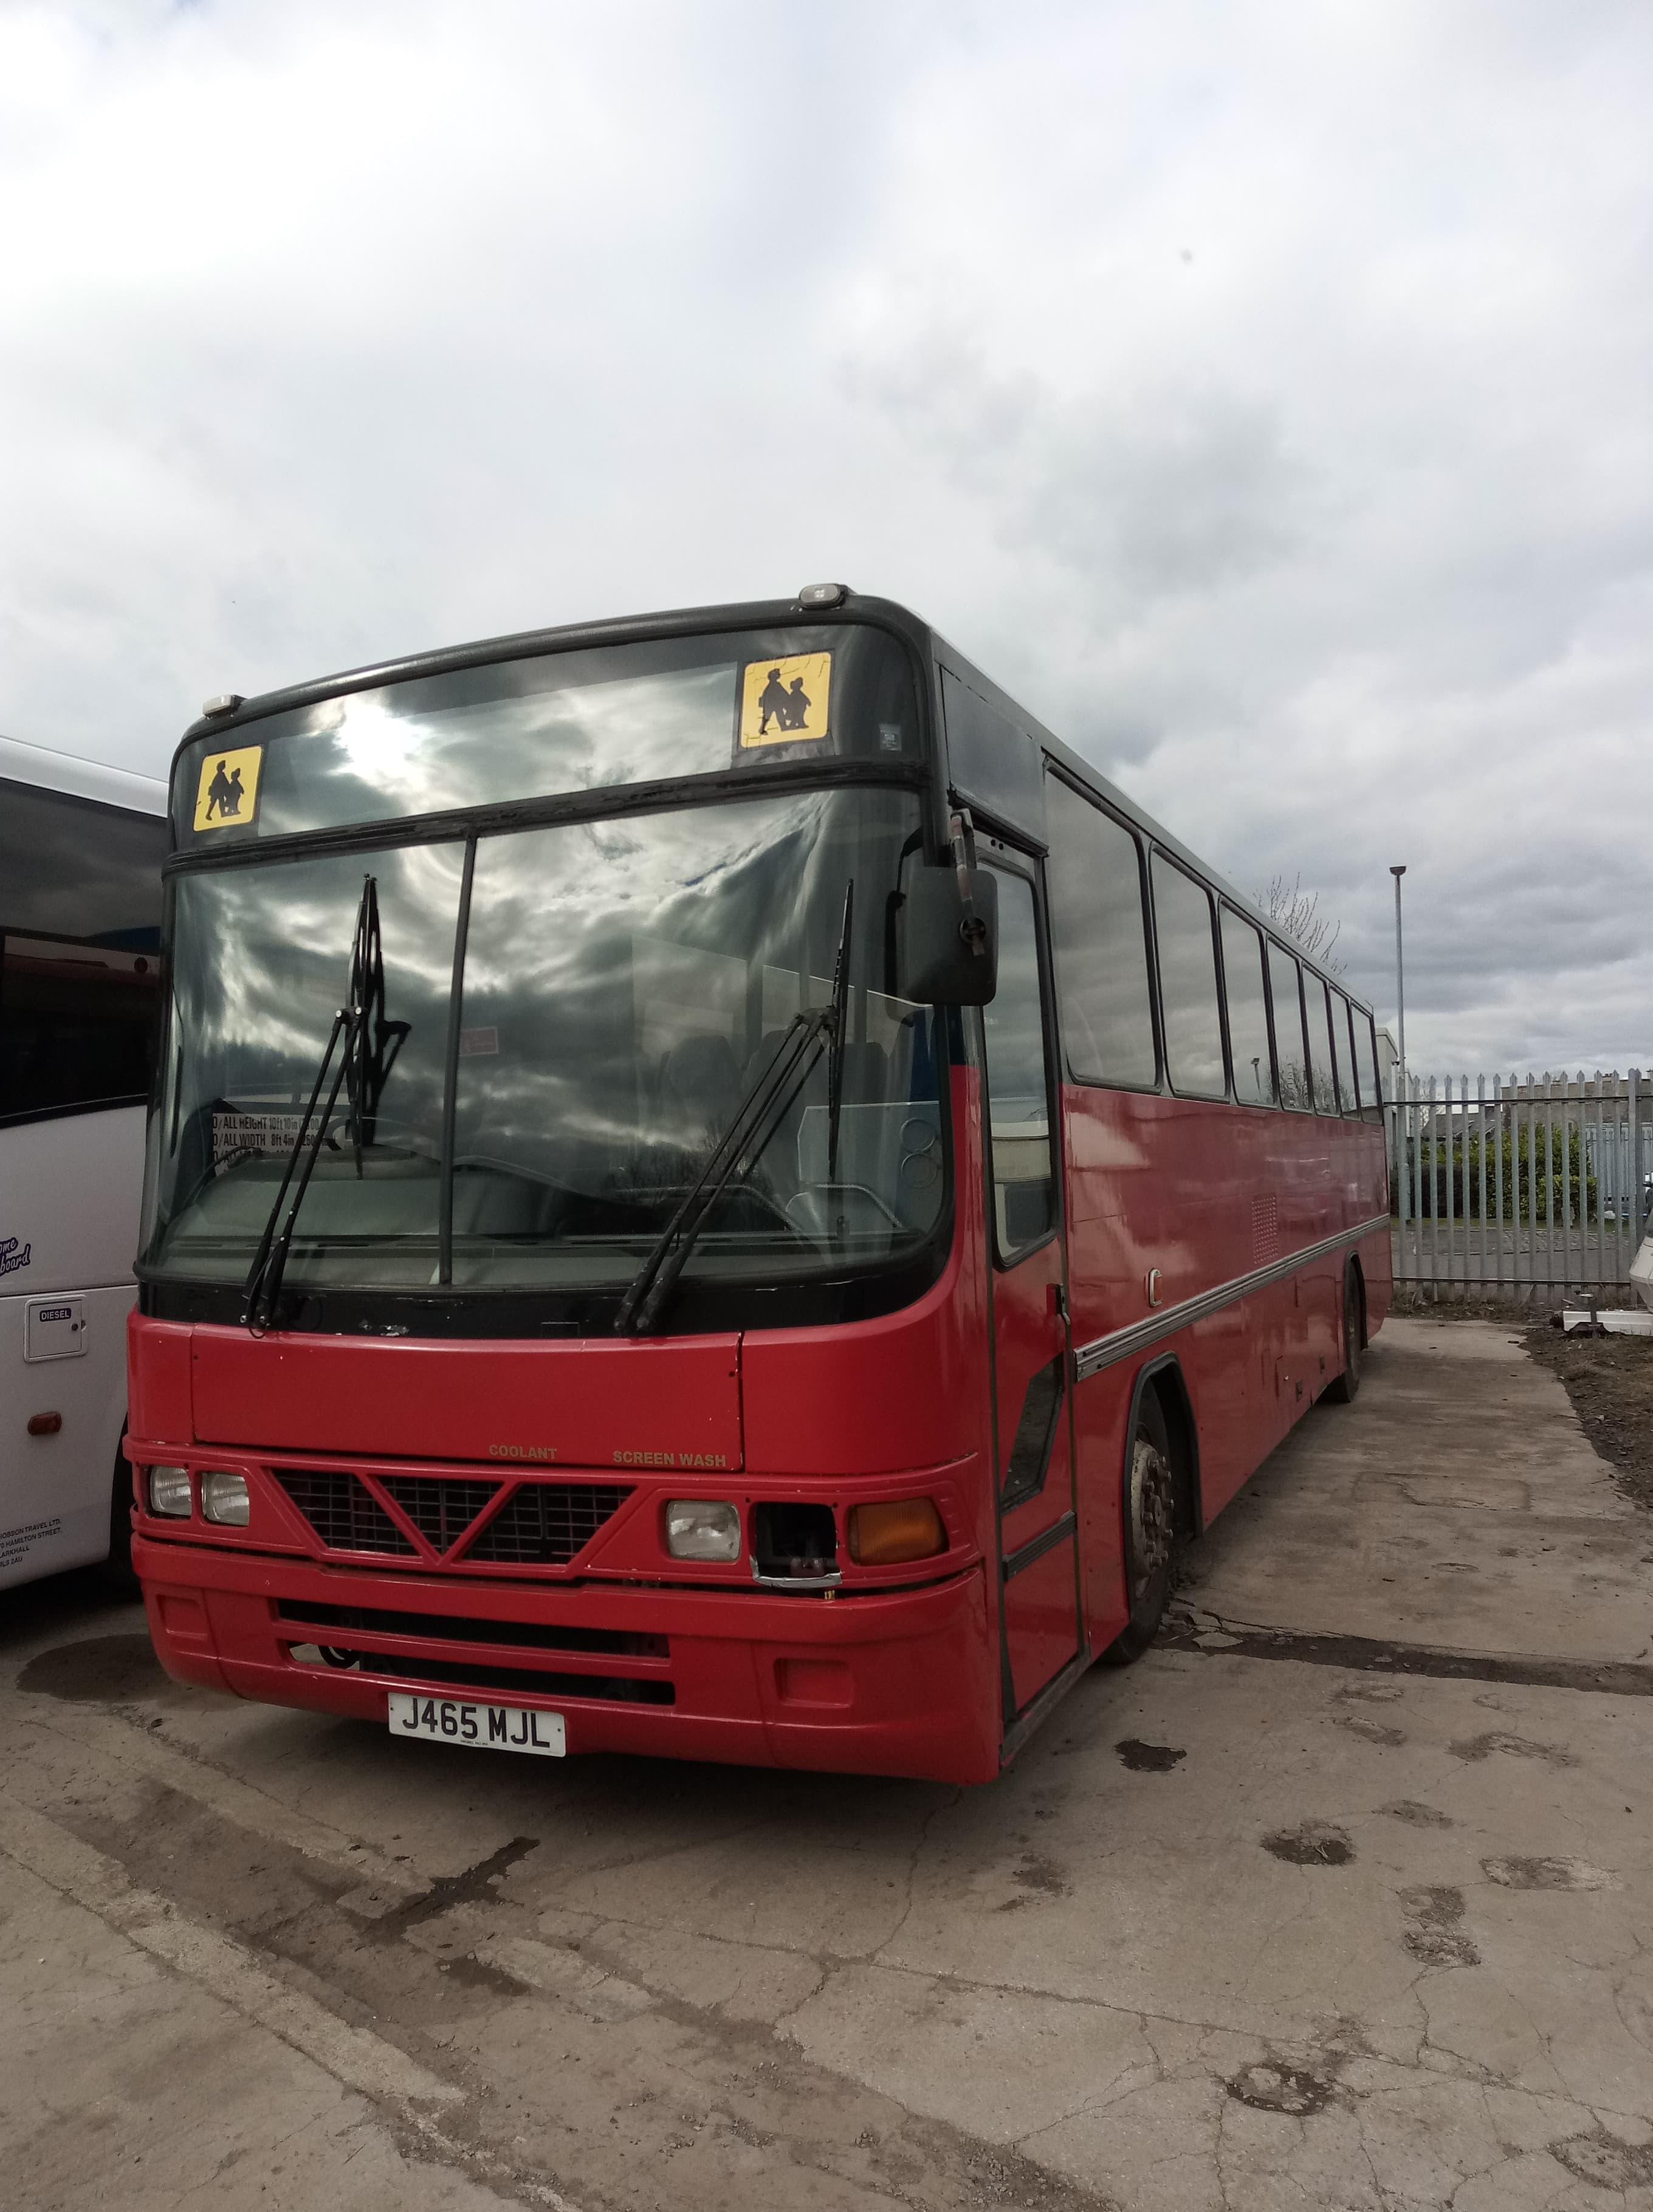 Leyland Tiger School Bus,Wright Endeavour Body, Registration: J465 MJL, Date of Registration- June